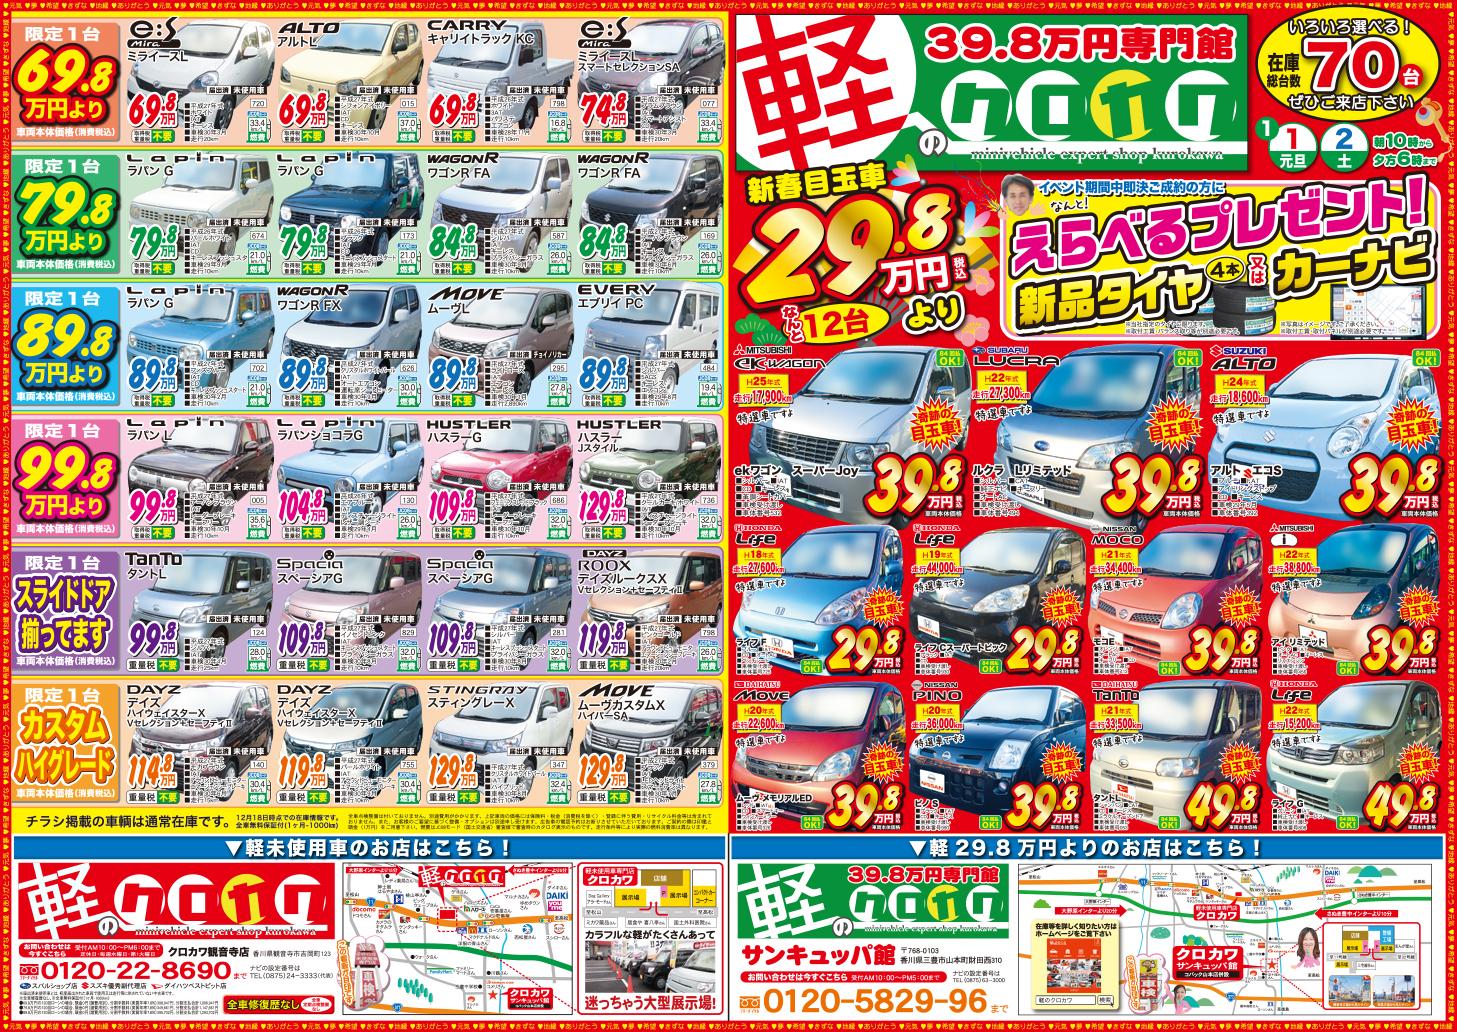 初売!最大10万円購入割引!ご成約でBOXティッシュ100箱プレゼント!